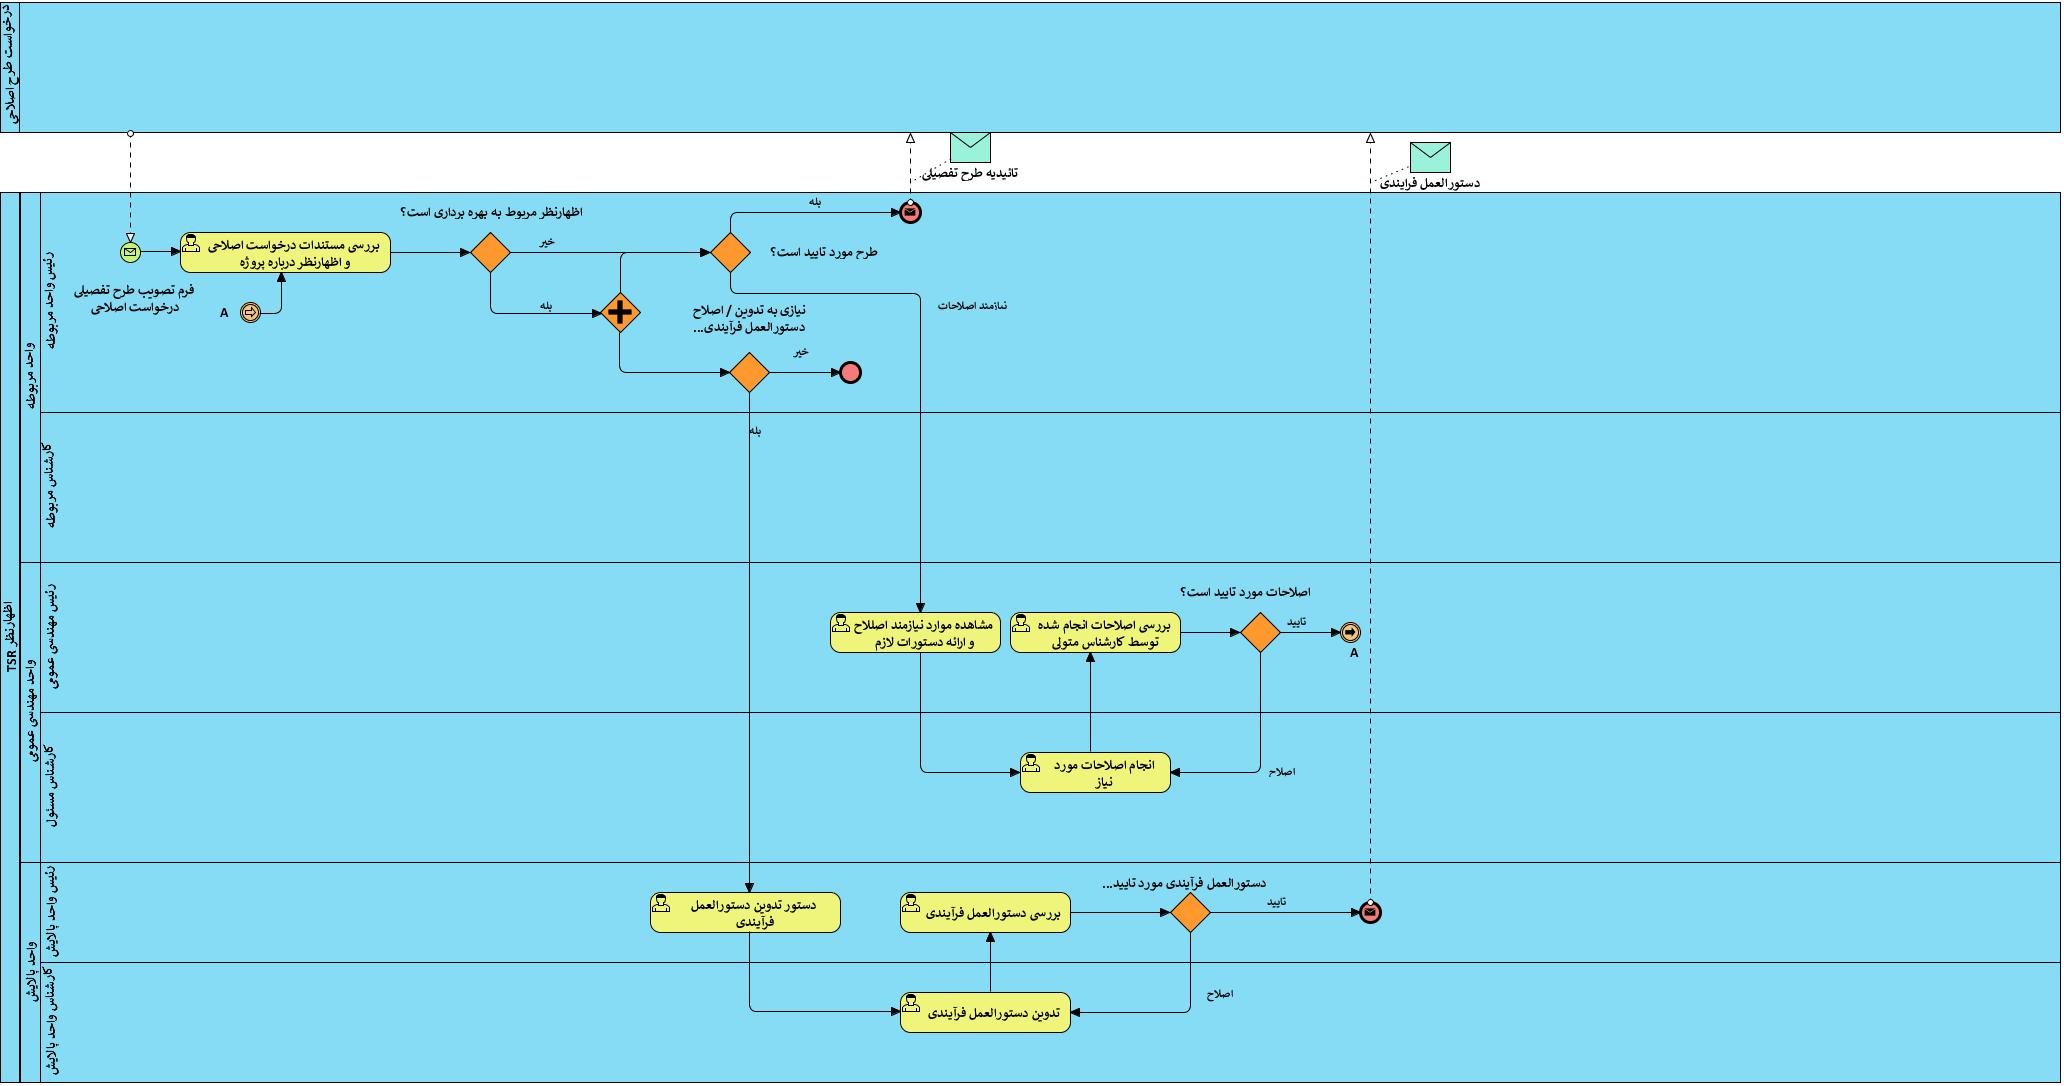 مدلسازی با زبان BPMN